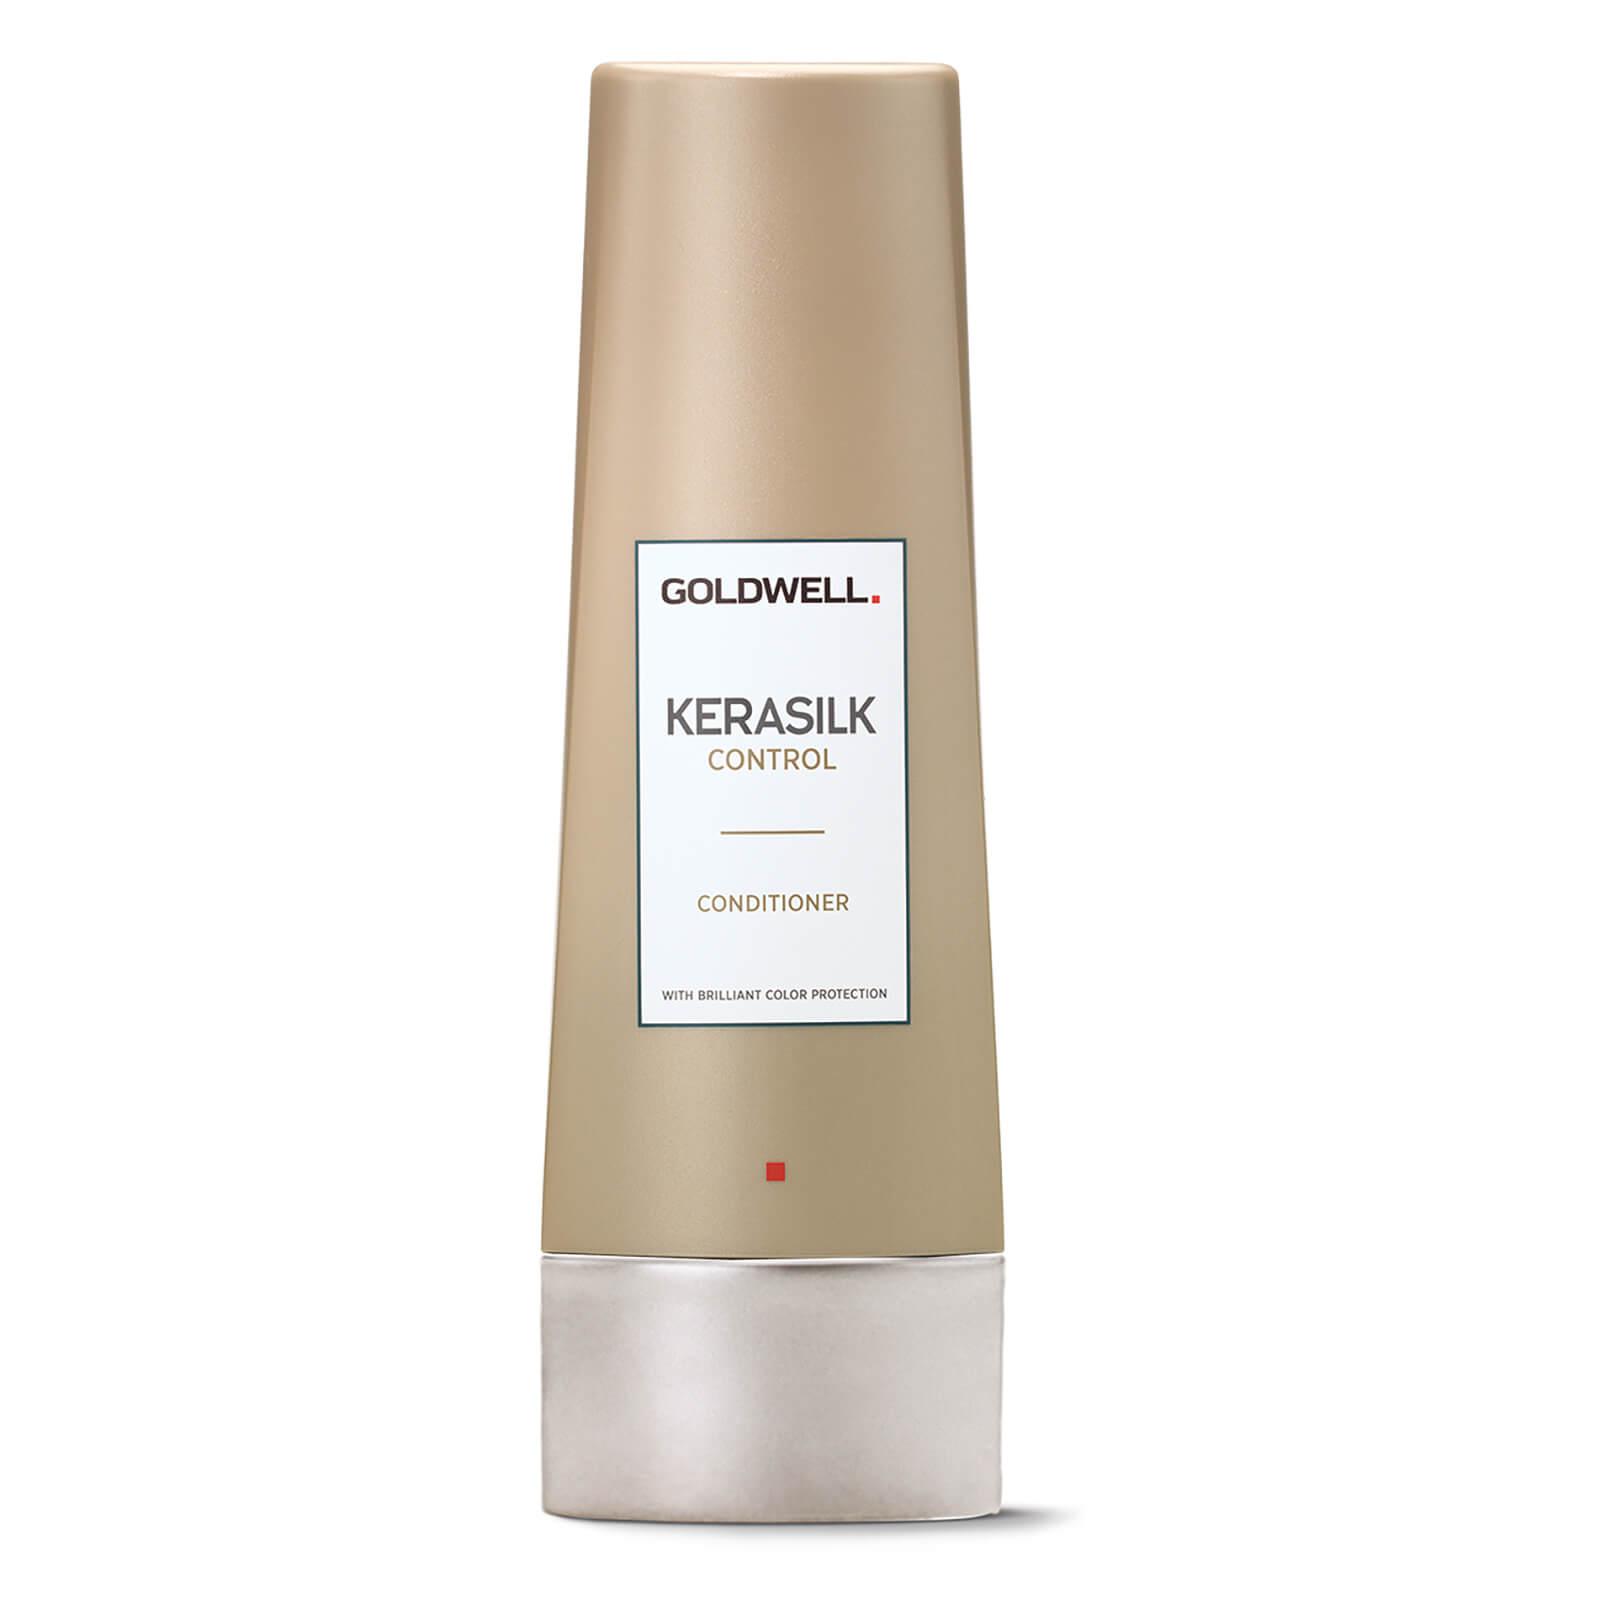 Купить Goldwell Kerasilk Control Conditioner 200ml